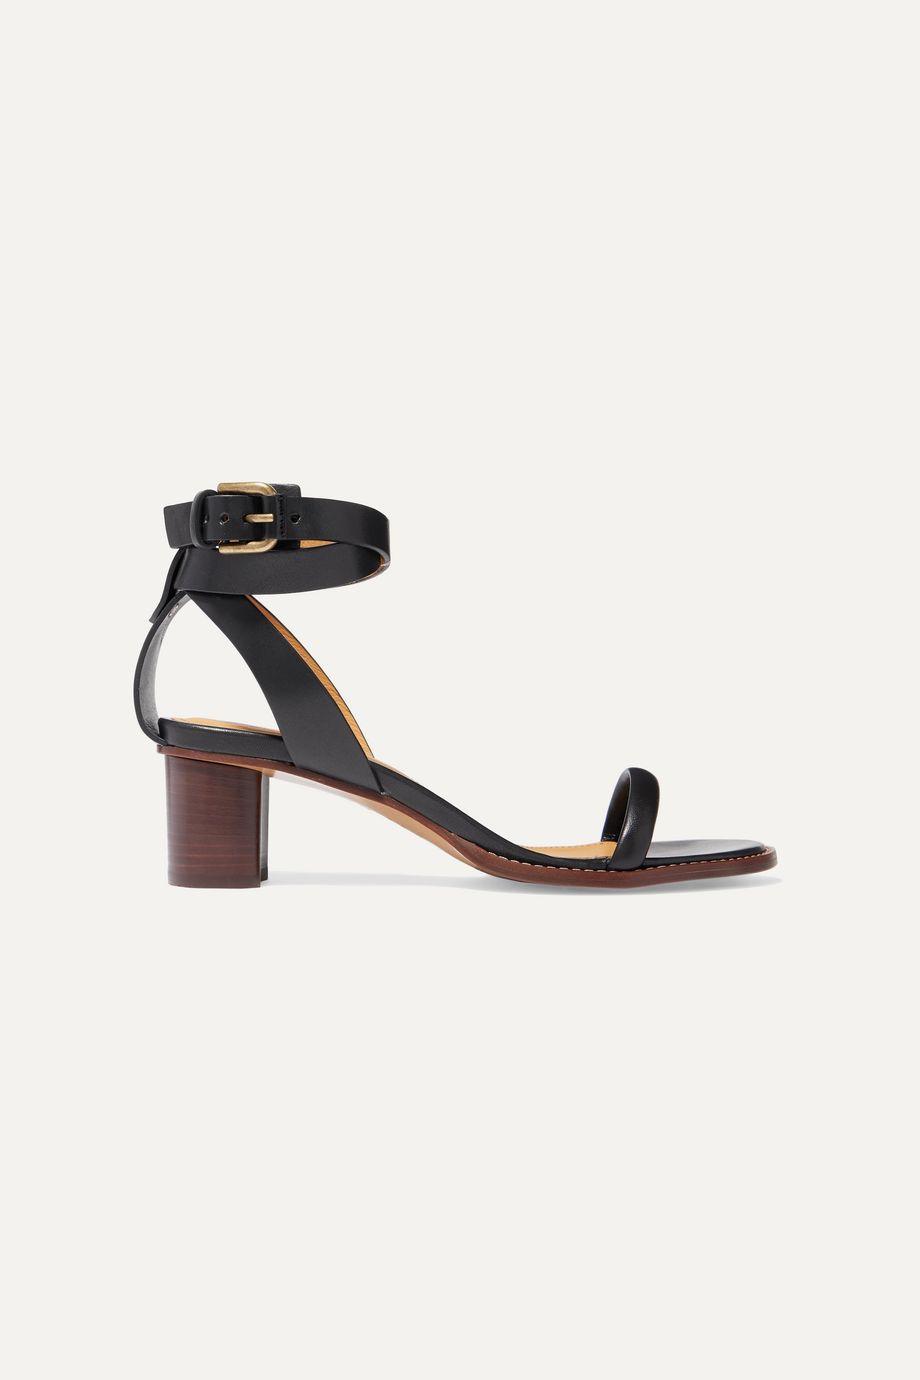 Isabel Marant Jadler leather sandals